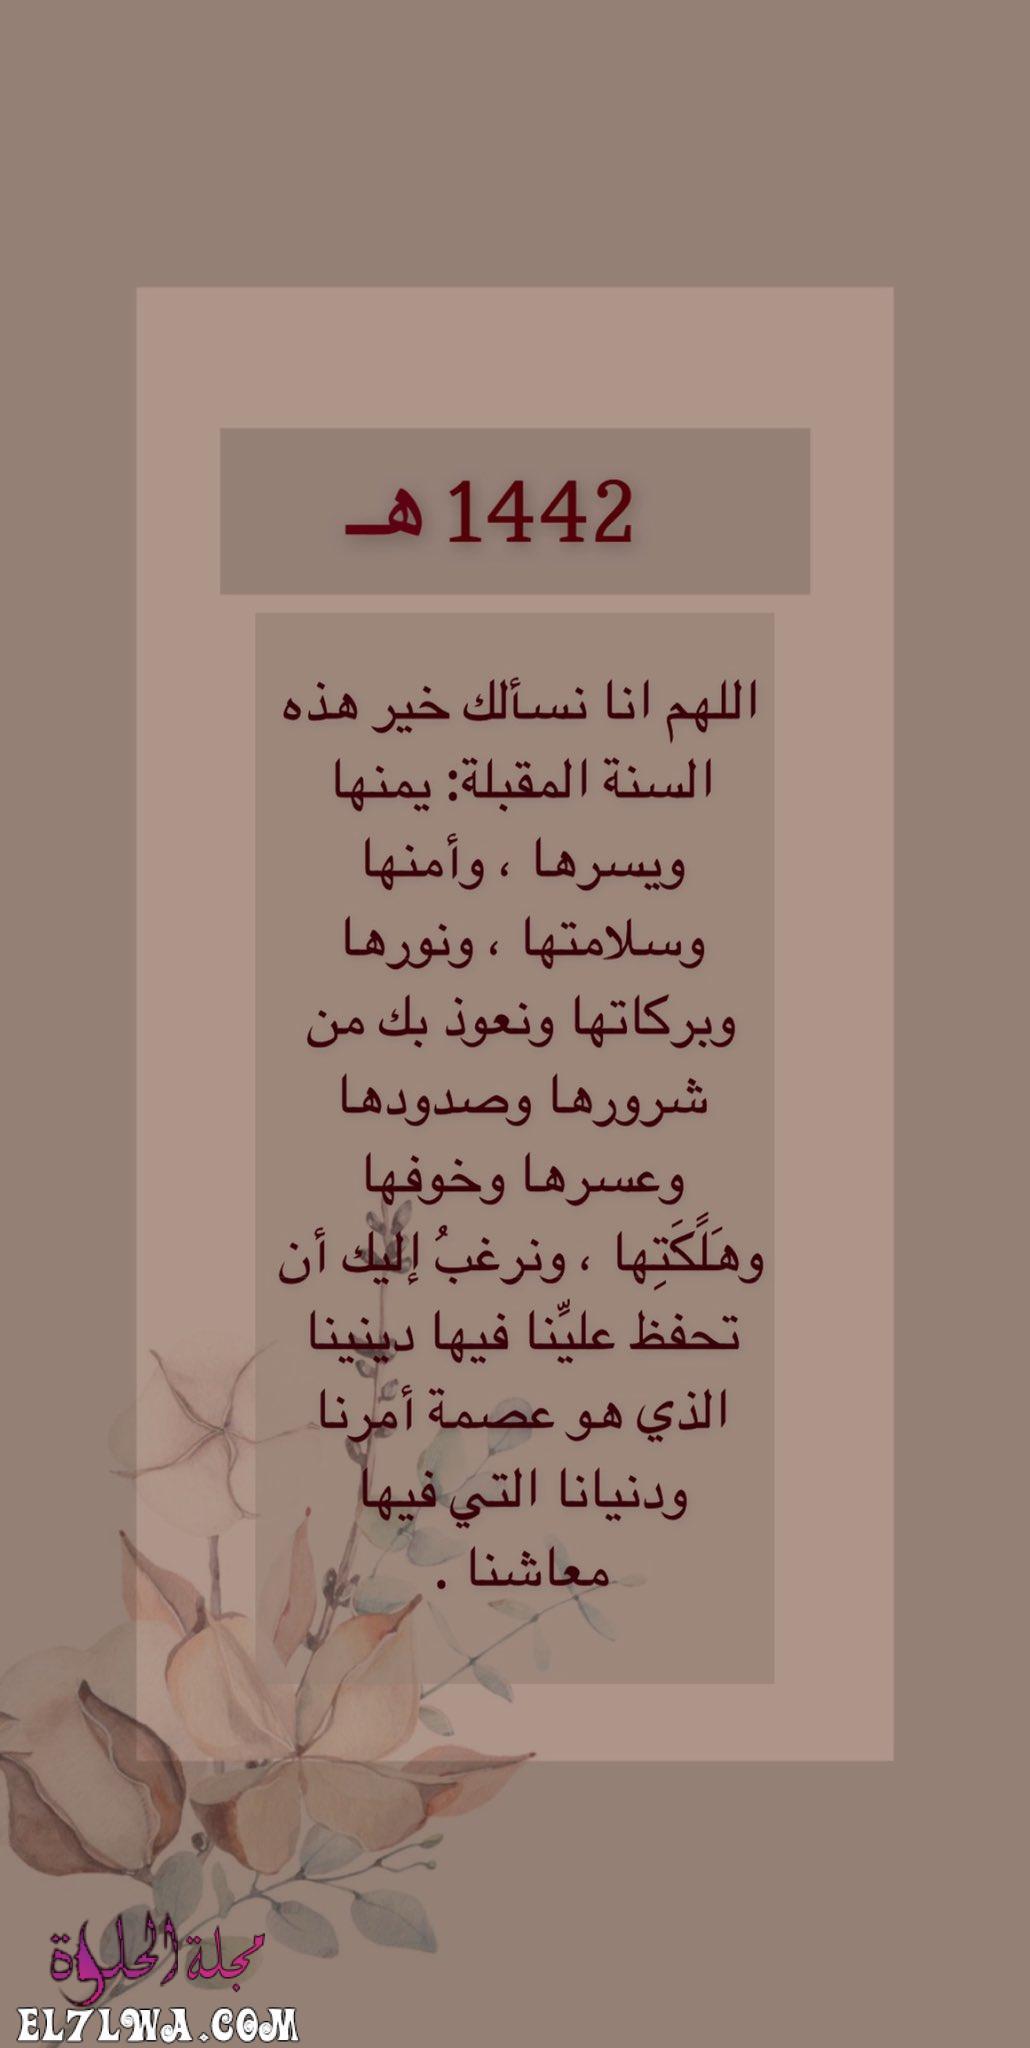 بطاقات تهنئة بالسنة الهجرية الجديدة 1442